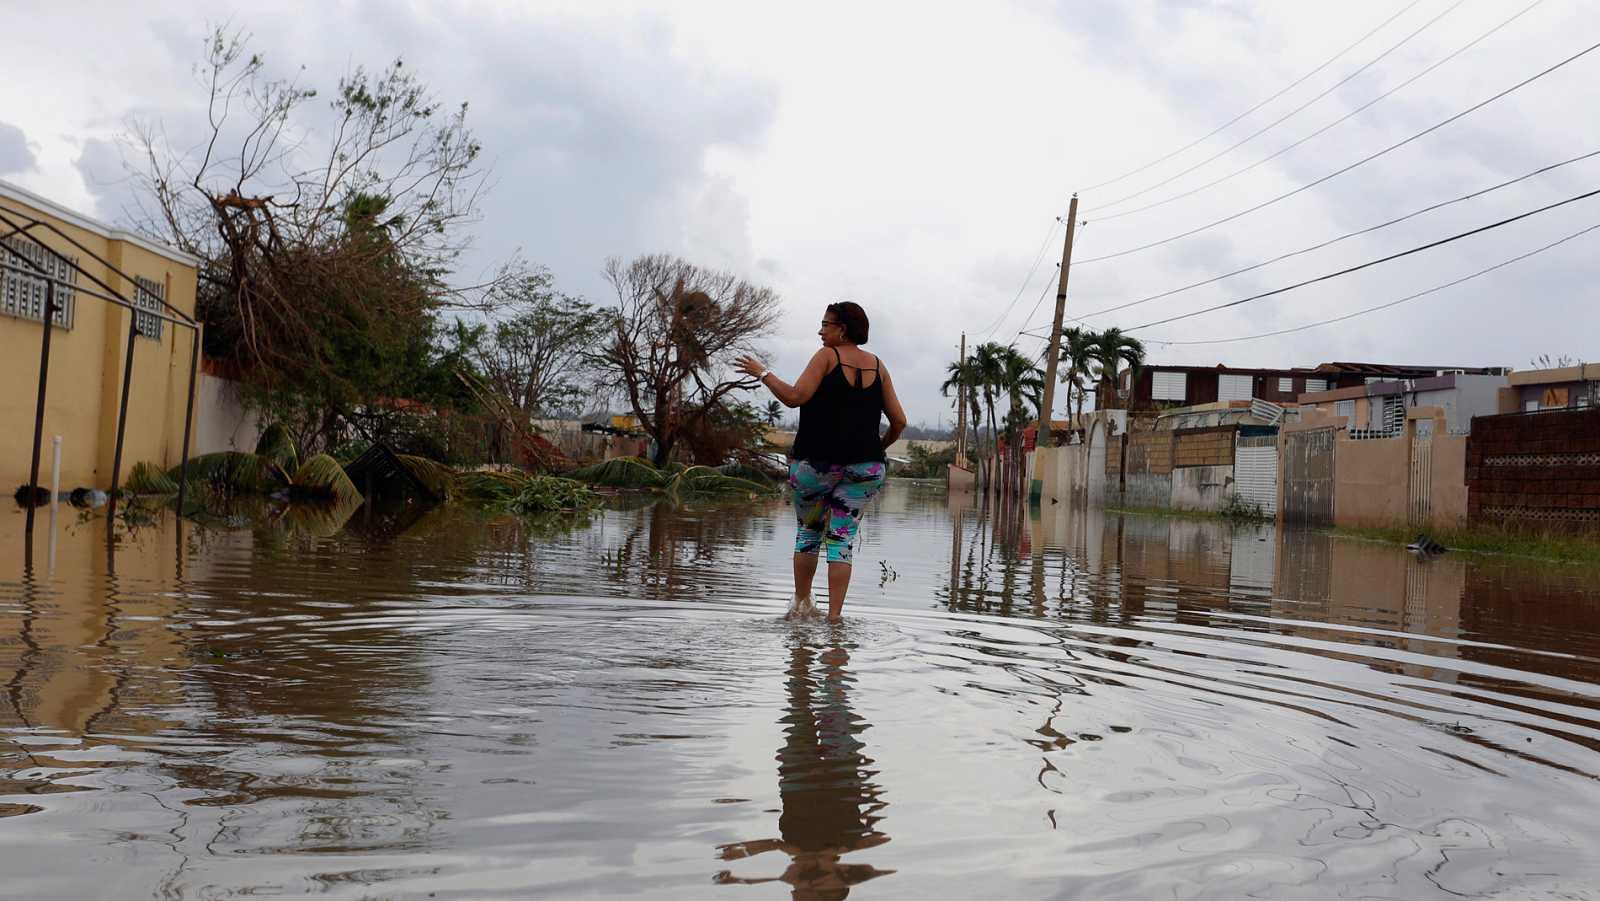 Un estudio estima que las víctimas del huracán María en Puerto Rico fueron más de 4.600, frente a las 64 oficiales